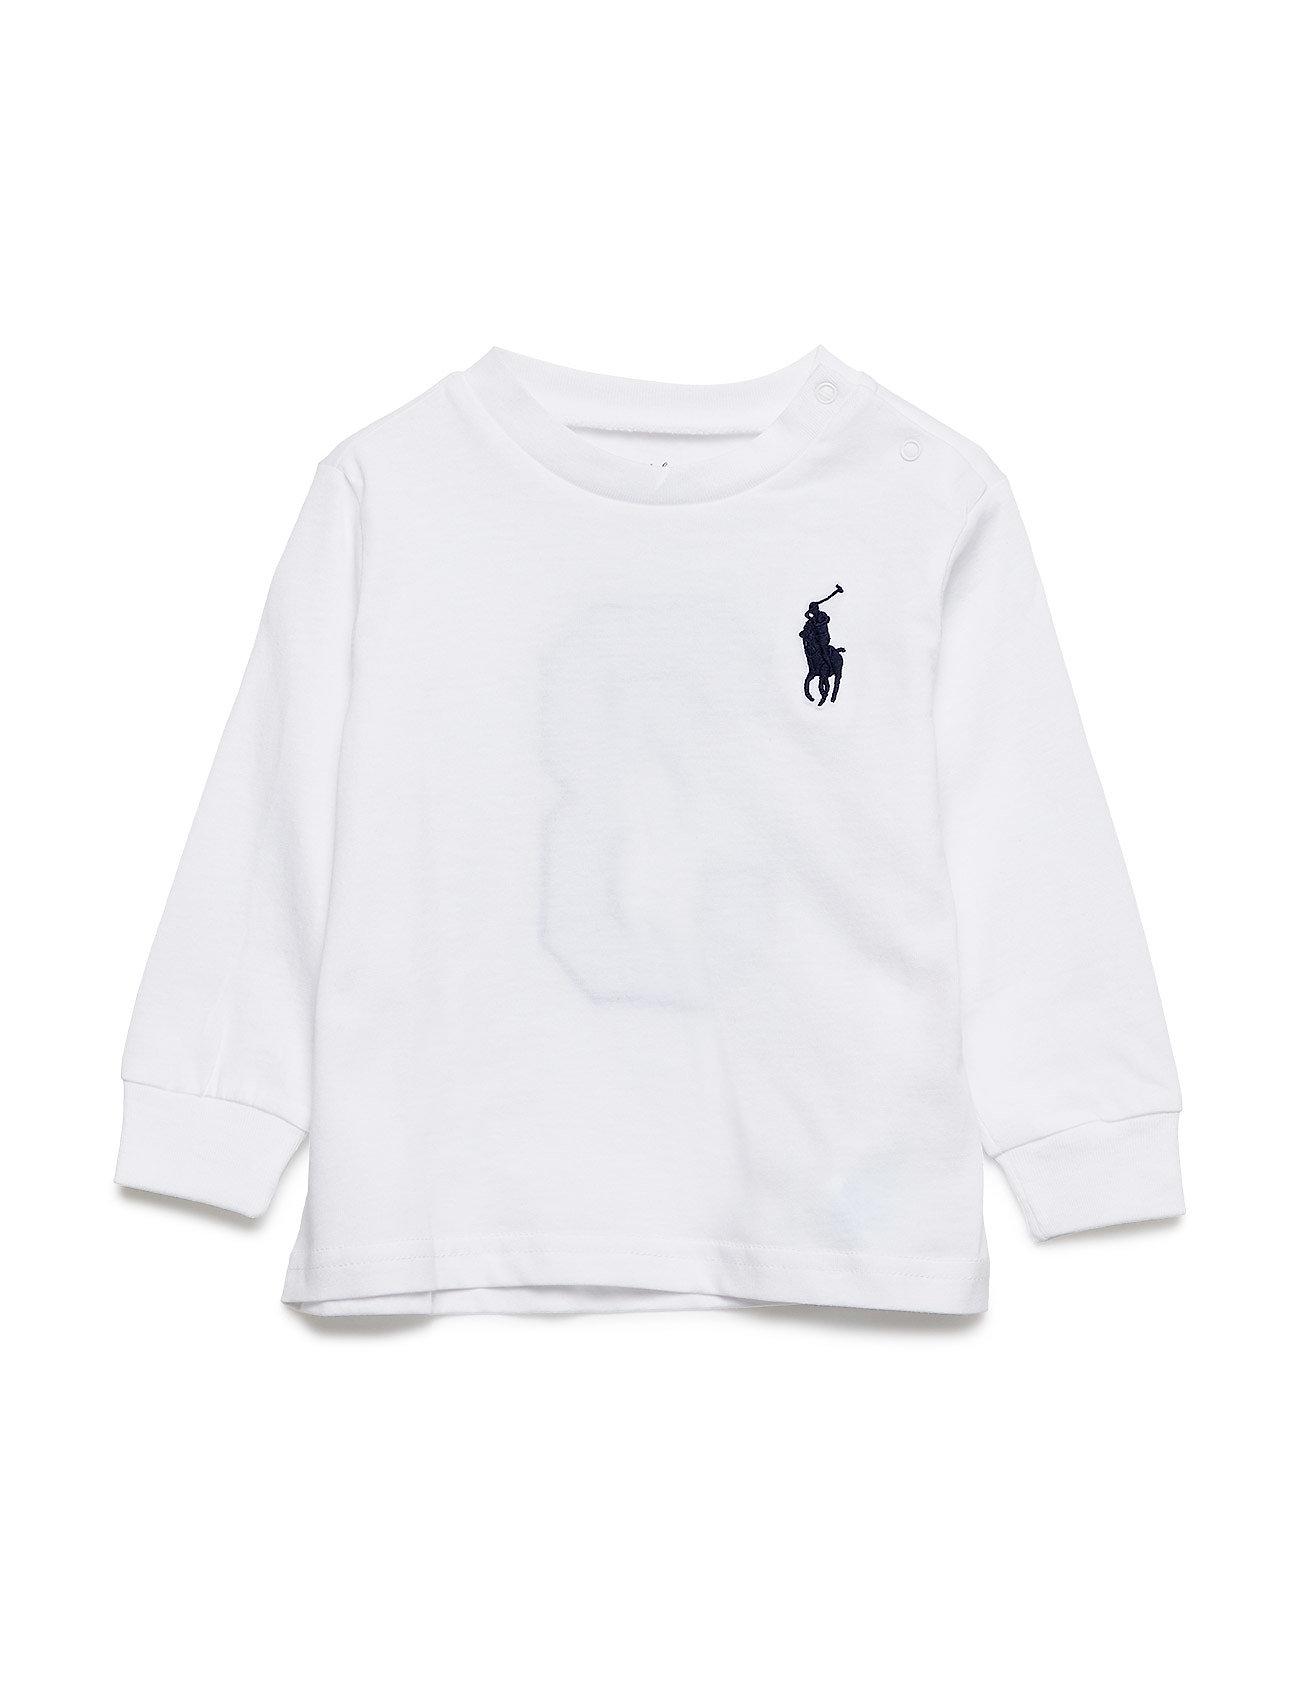 Ralph Lauren Baby Cotton Long-Sleeve T-Shirt